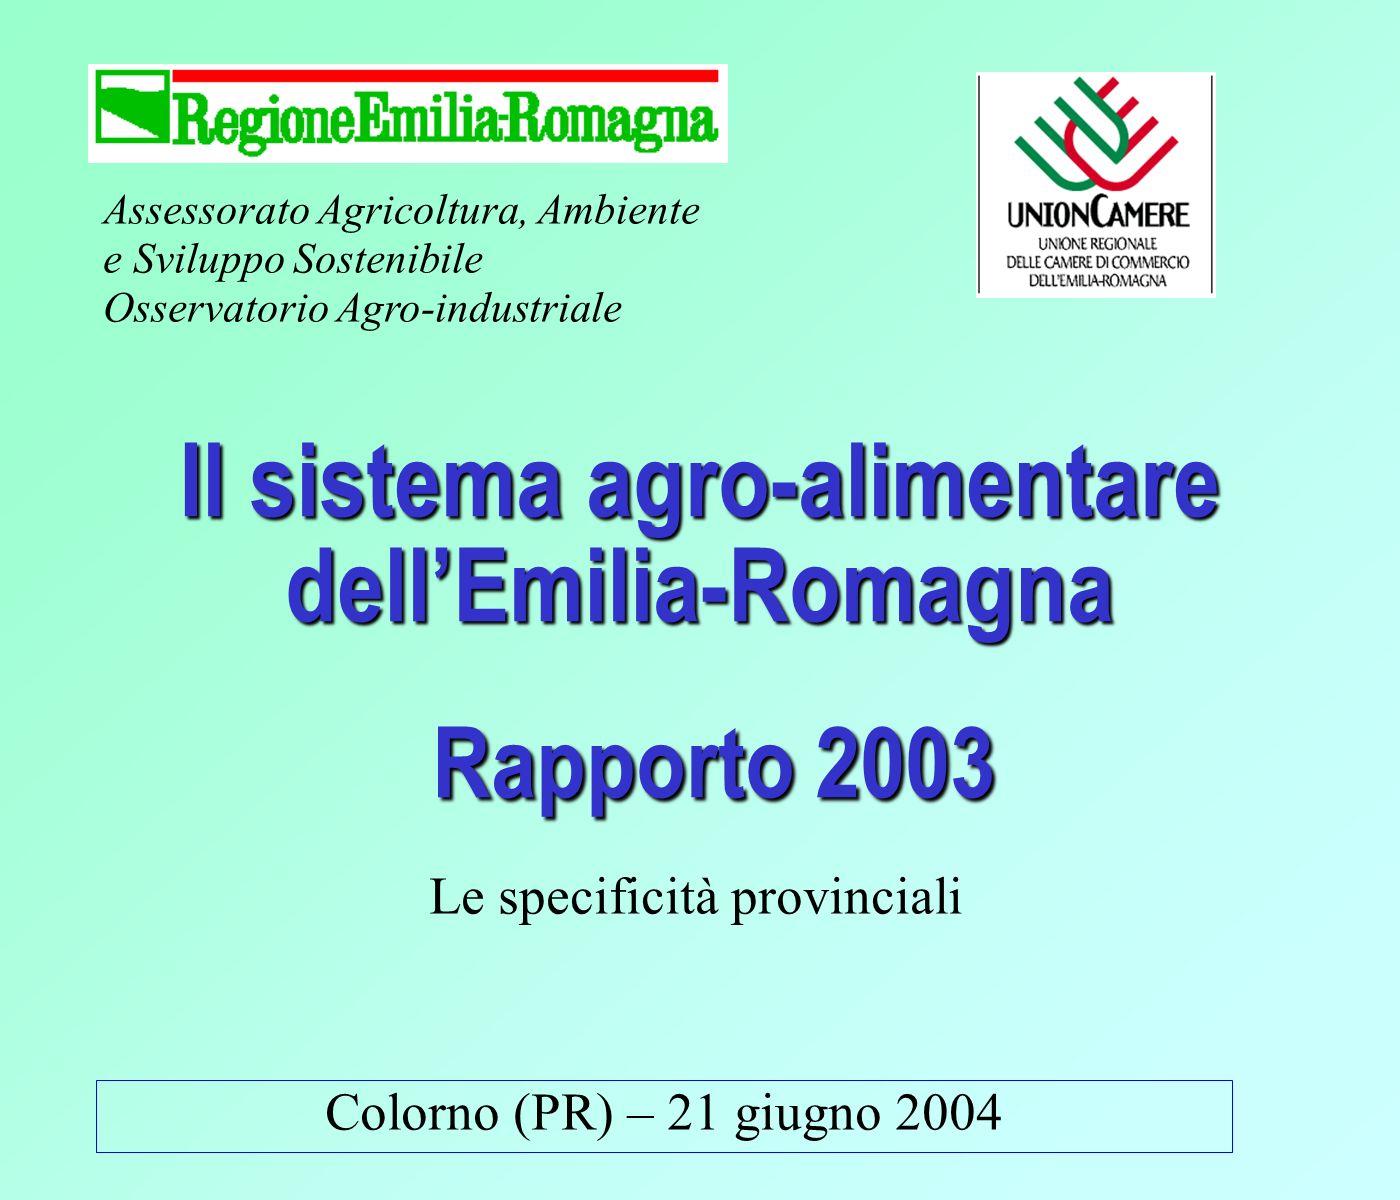 Assessorato Agricoltura, Ambiente e Sviluppo Sostenibile Osservatorio Agro-industriale Colorno (PR) – 21 giugno 2004 Il sistema agro-alimentare dellEmilia-Romagna Rapporto 2003 Le specificità provinciali